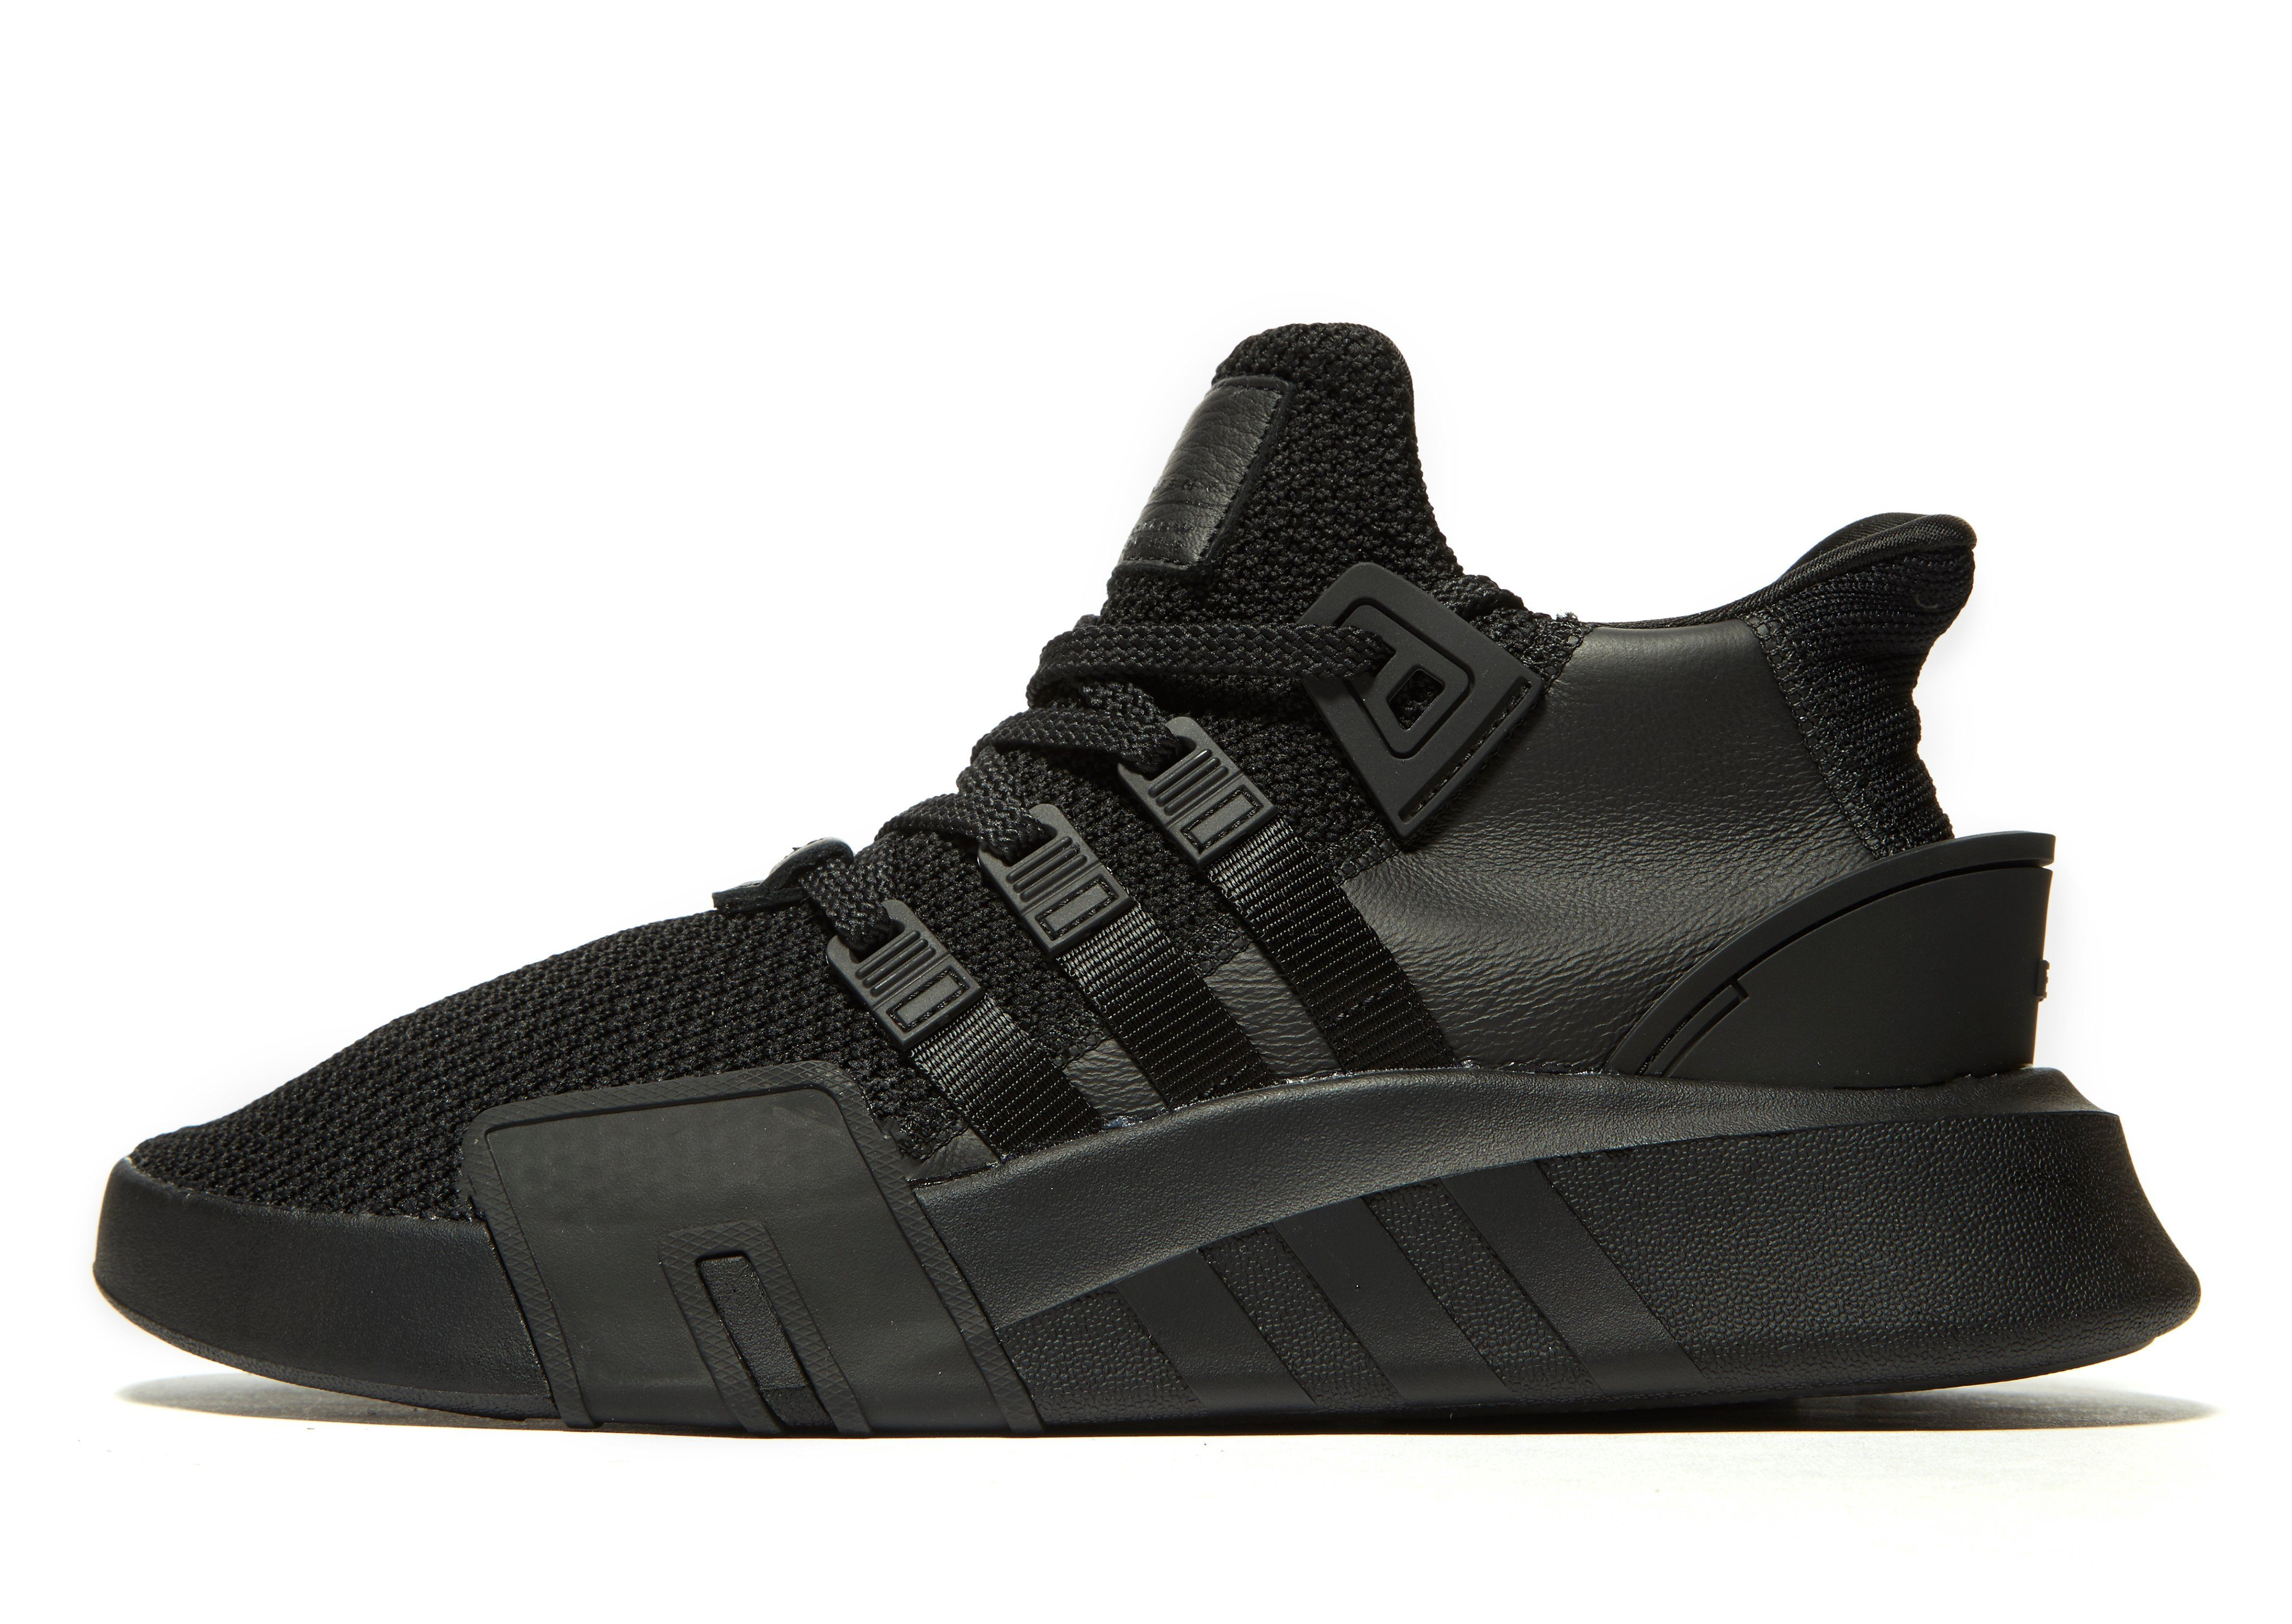 Les Hommes Eqt Bask Chaussures De Fitness Adv Adidas